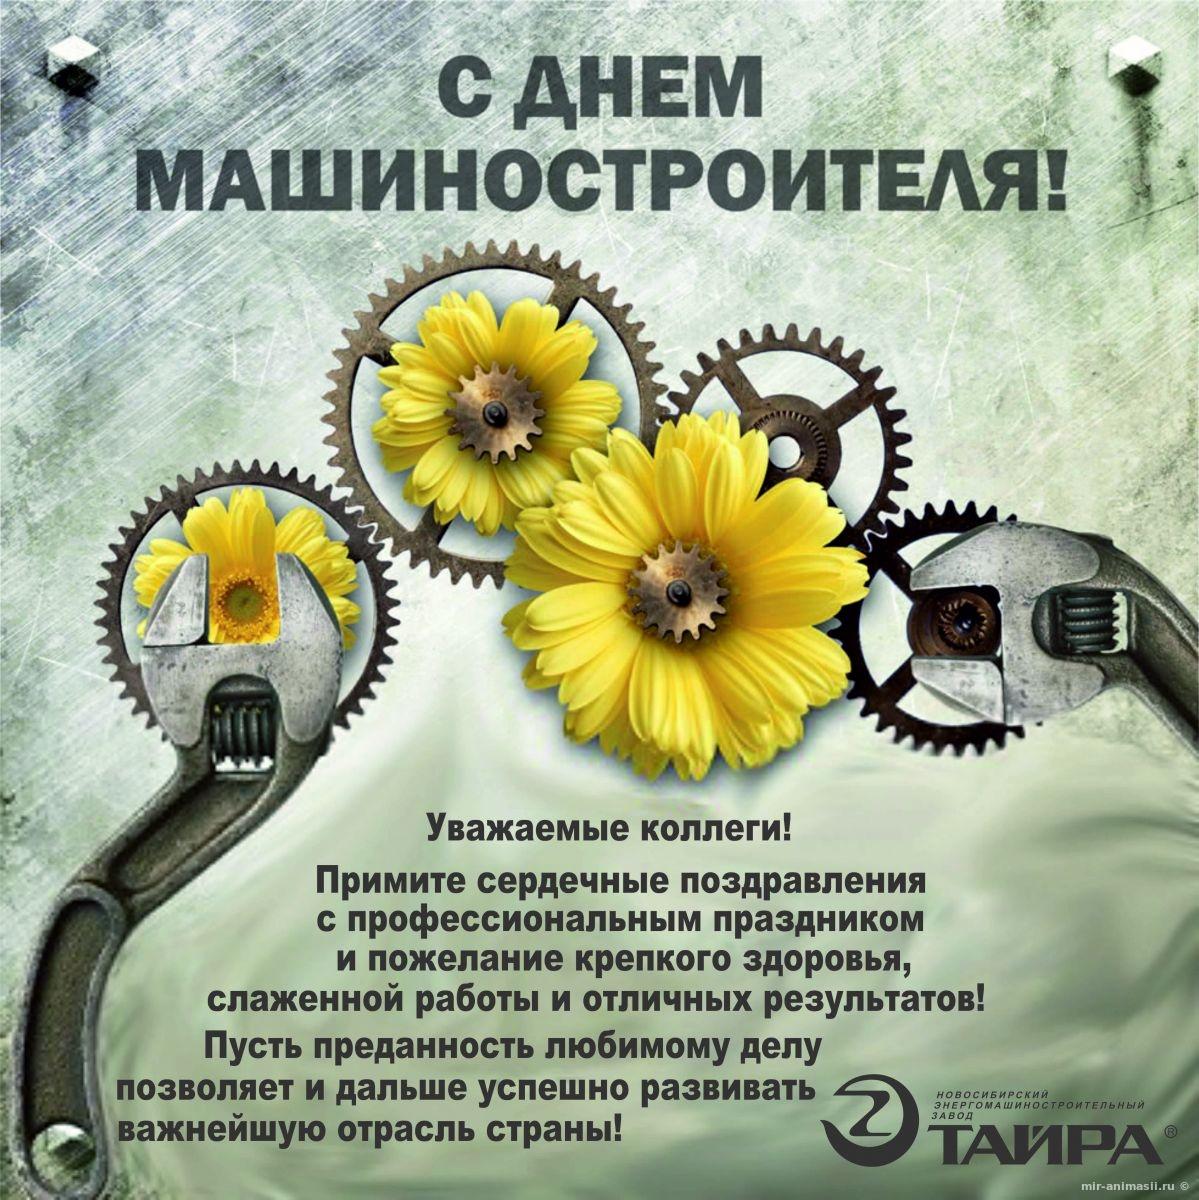 День машиностроителя - 25 сентября